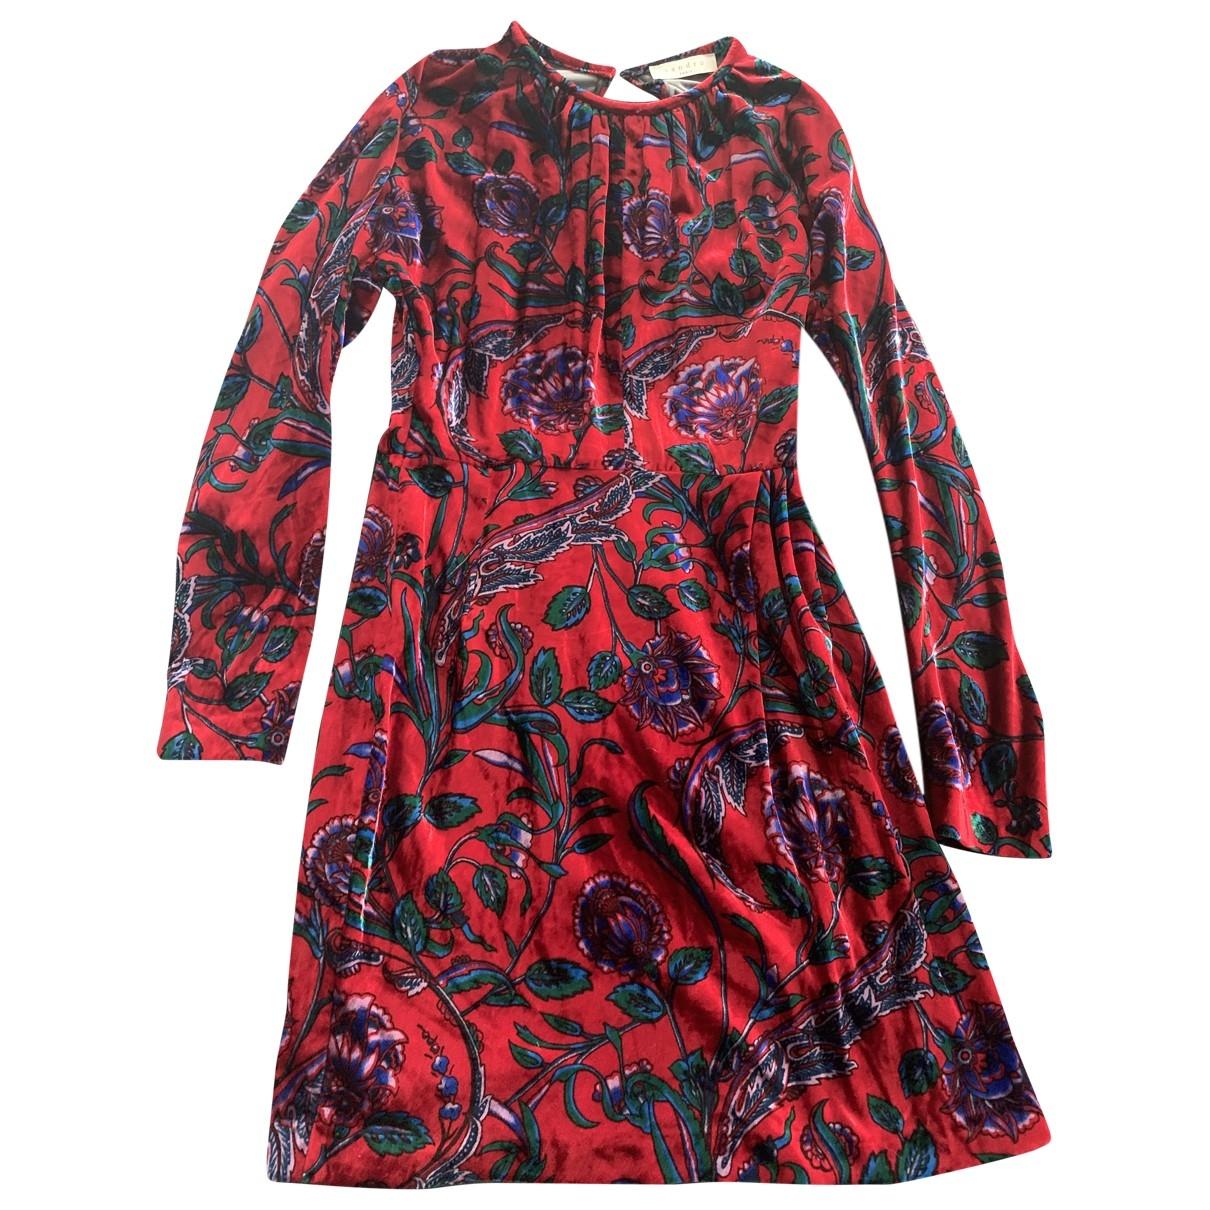 Sandro \N Red dress for Women 1 0-5